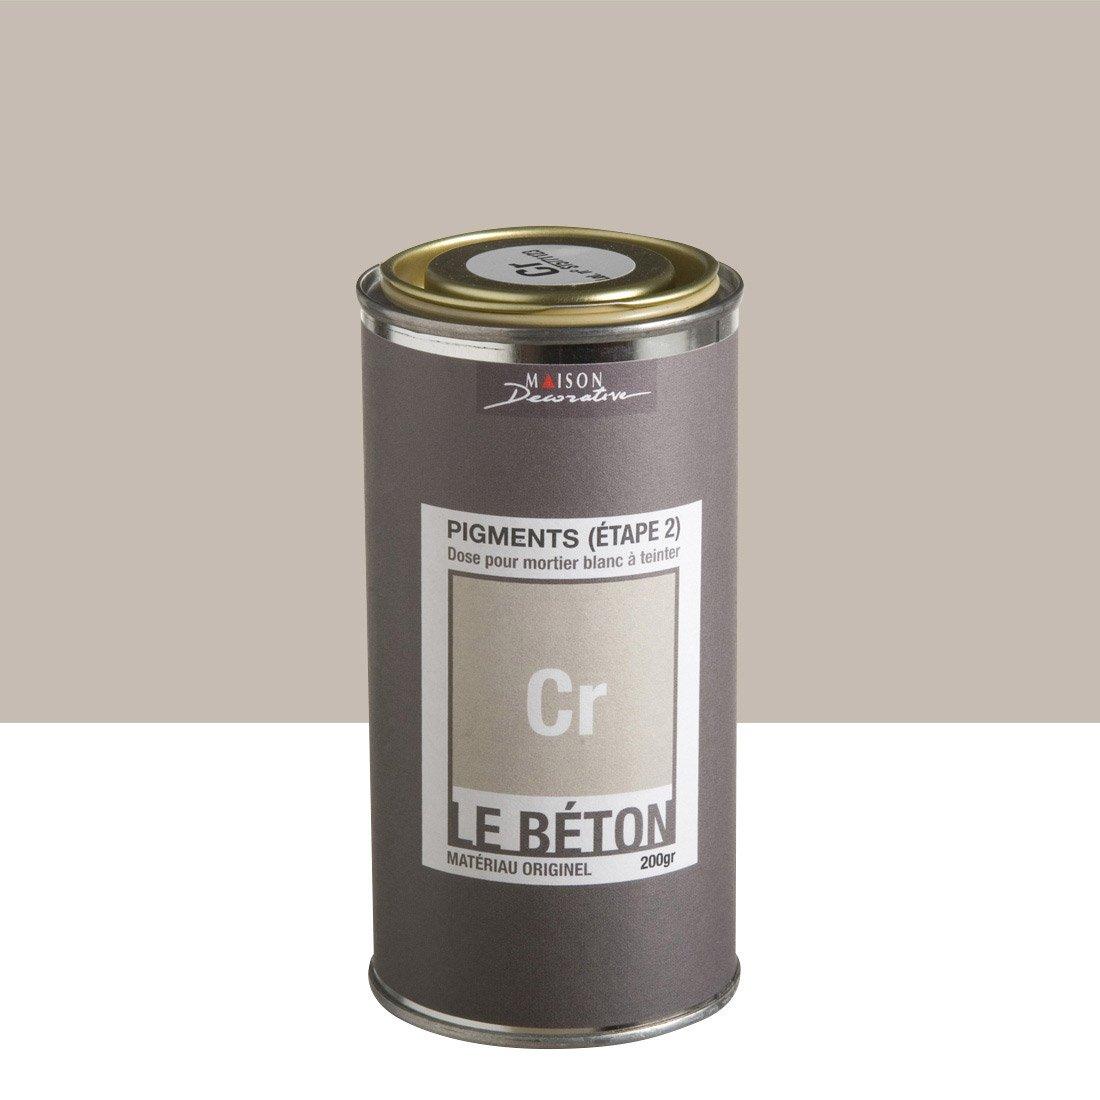 peinture effet pigment le b ton maison deco cr 0 2 kg leroy merlin. Black Bedroom Furniture Sets. Home Design Ideas